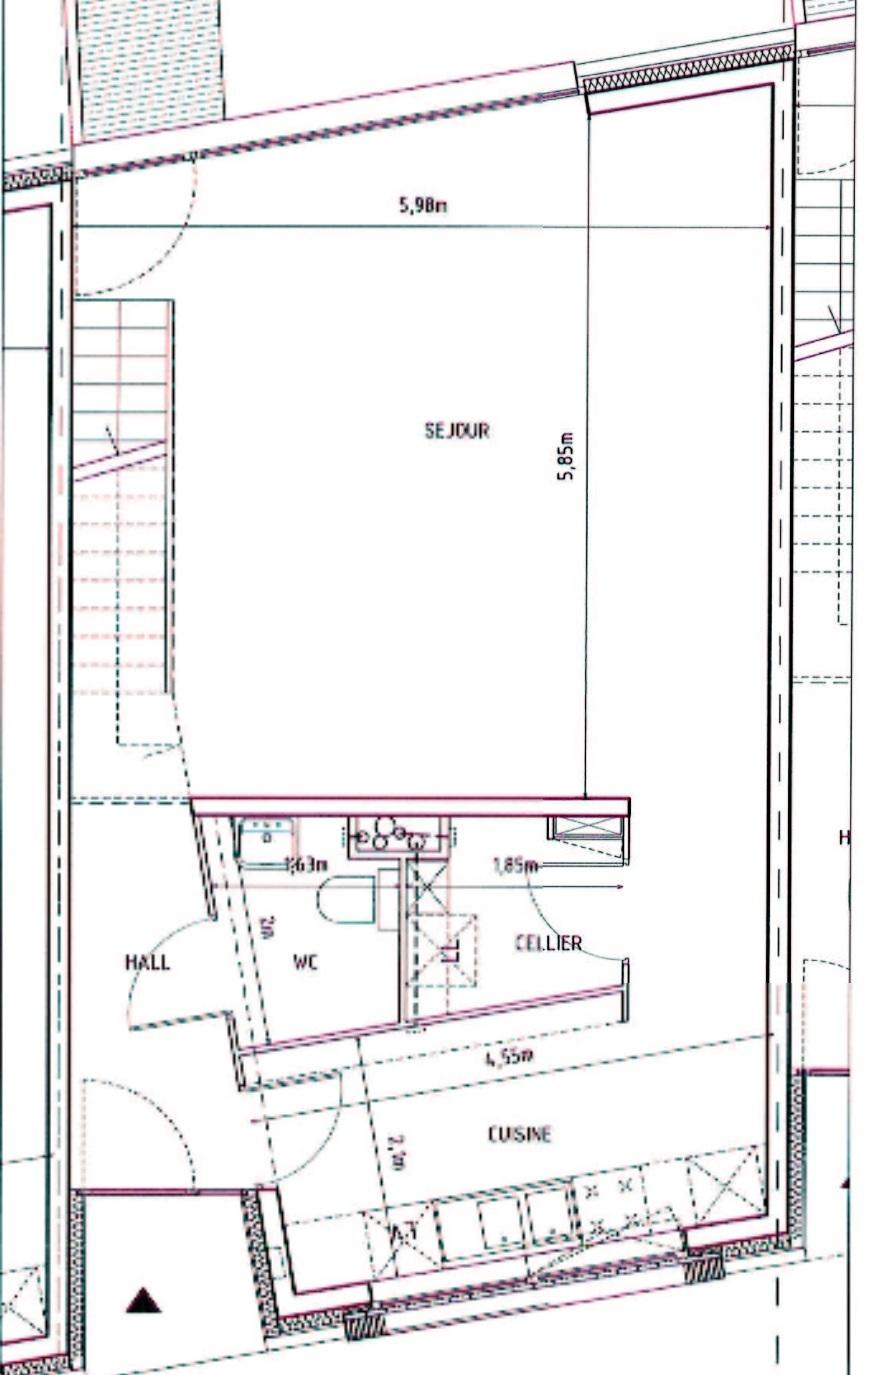 agrandissement d 39 une salle de bain et ajout d 39 un wc conseils des bricoleurs du forum bricolage. Black Bedroom Furniture Sets. Home Design Ideas